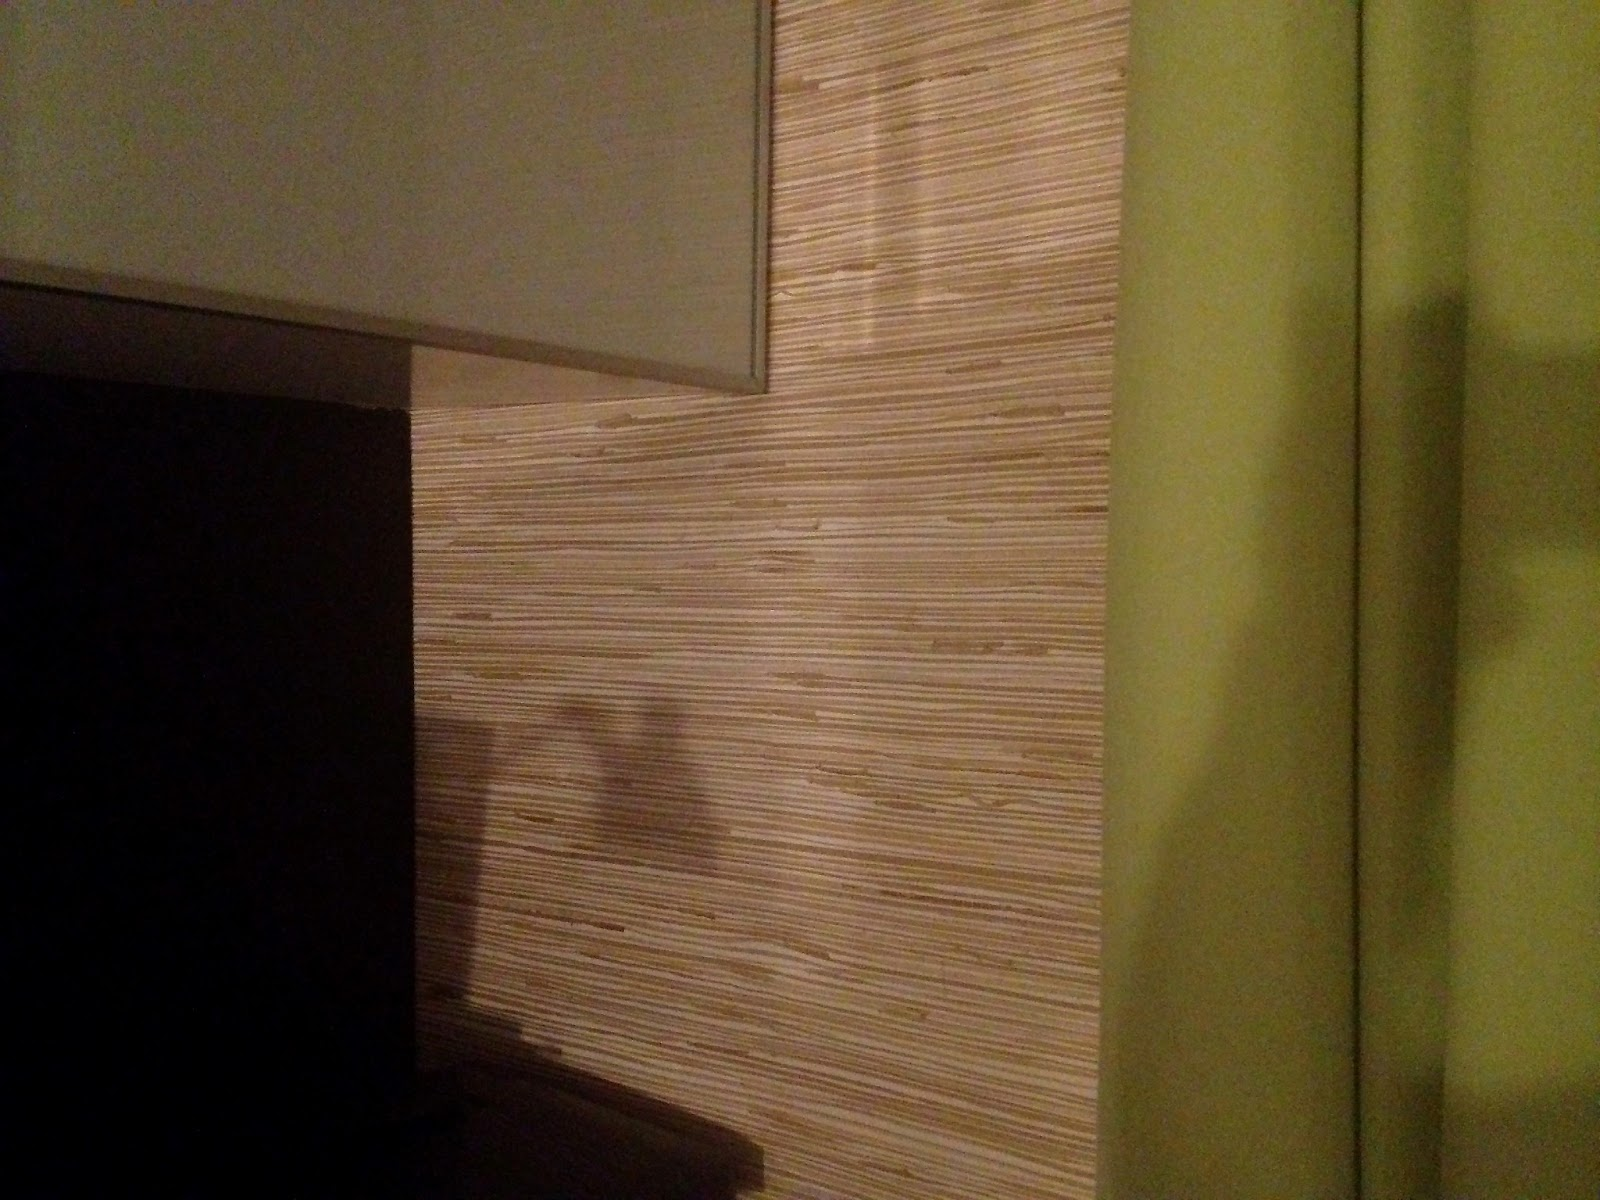 papier peint pour ecran dordinateur besancon entreprise renovation batiment ancien pose papier. Black Bedroom Furniture Sets. Home Design Ideas